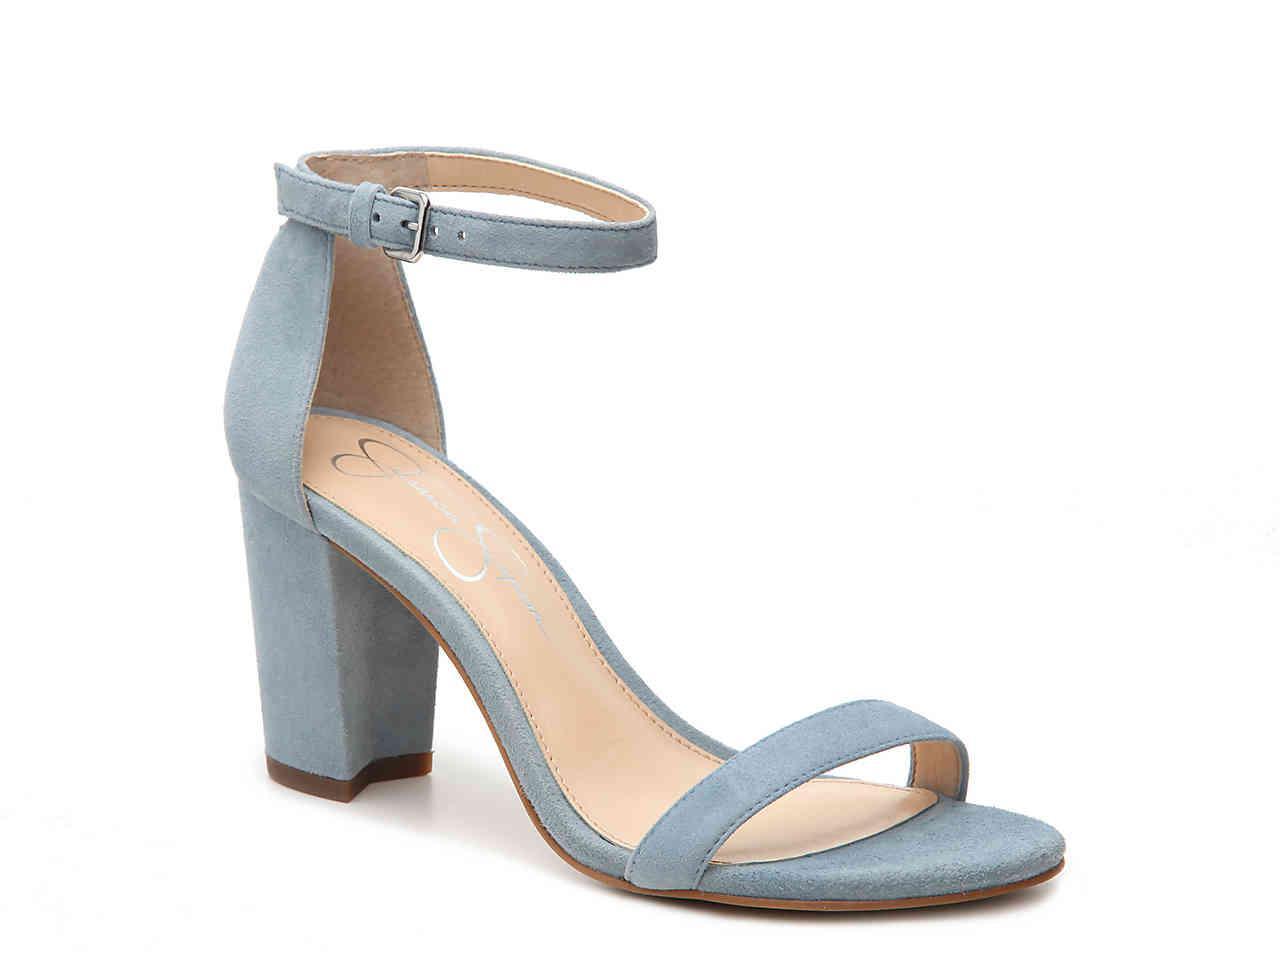 7c70ccbf37 Jessica Simpson Monrae Sandal in Blue - Lyst